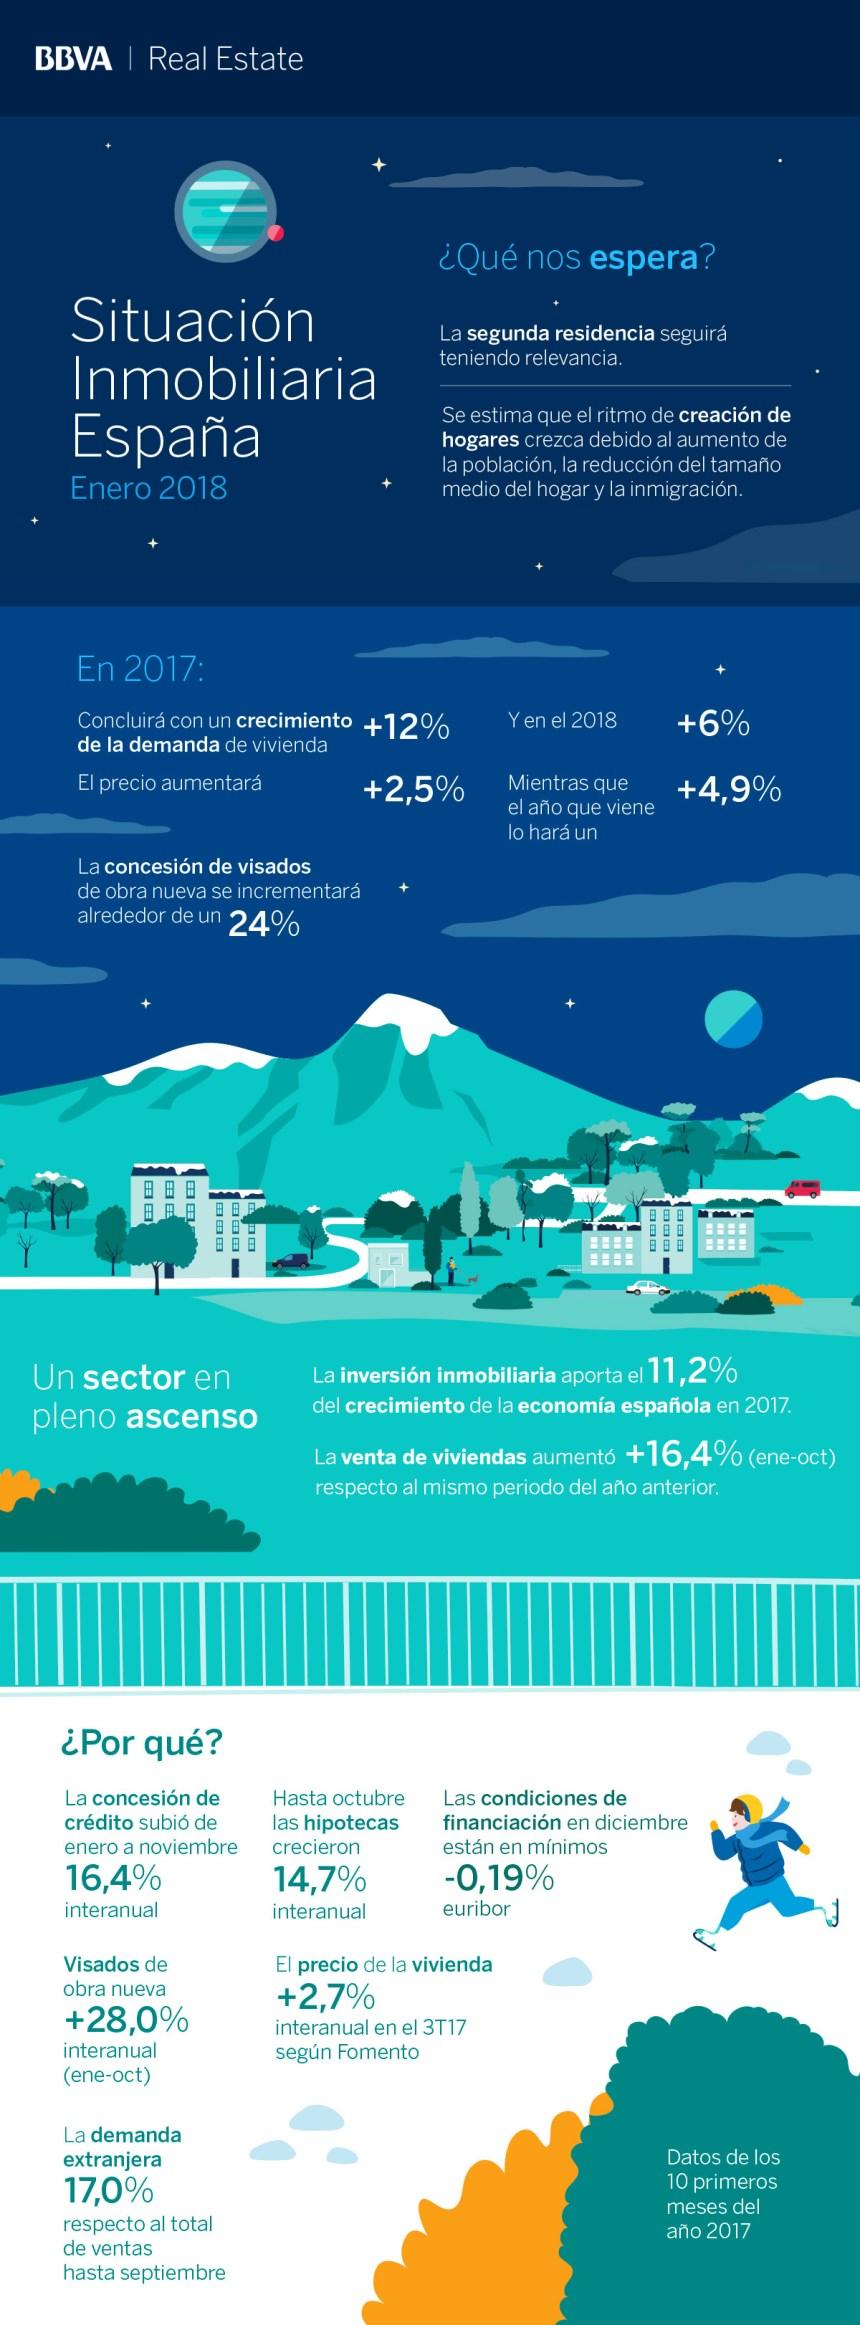 Situación inmobiliaria en España